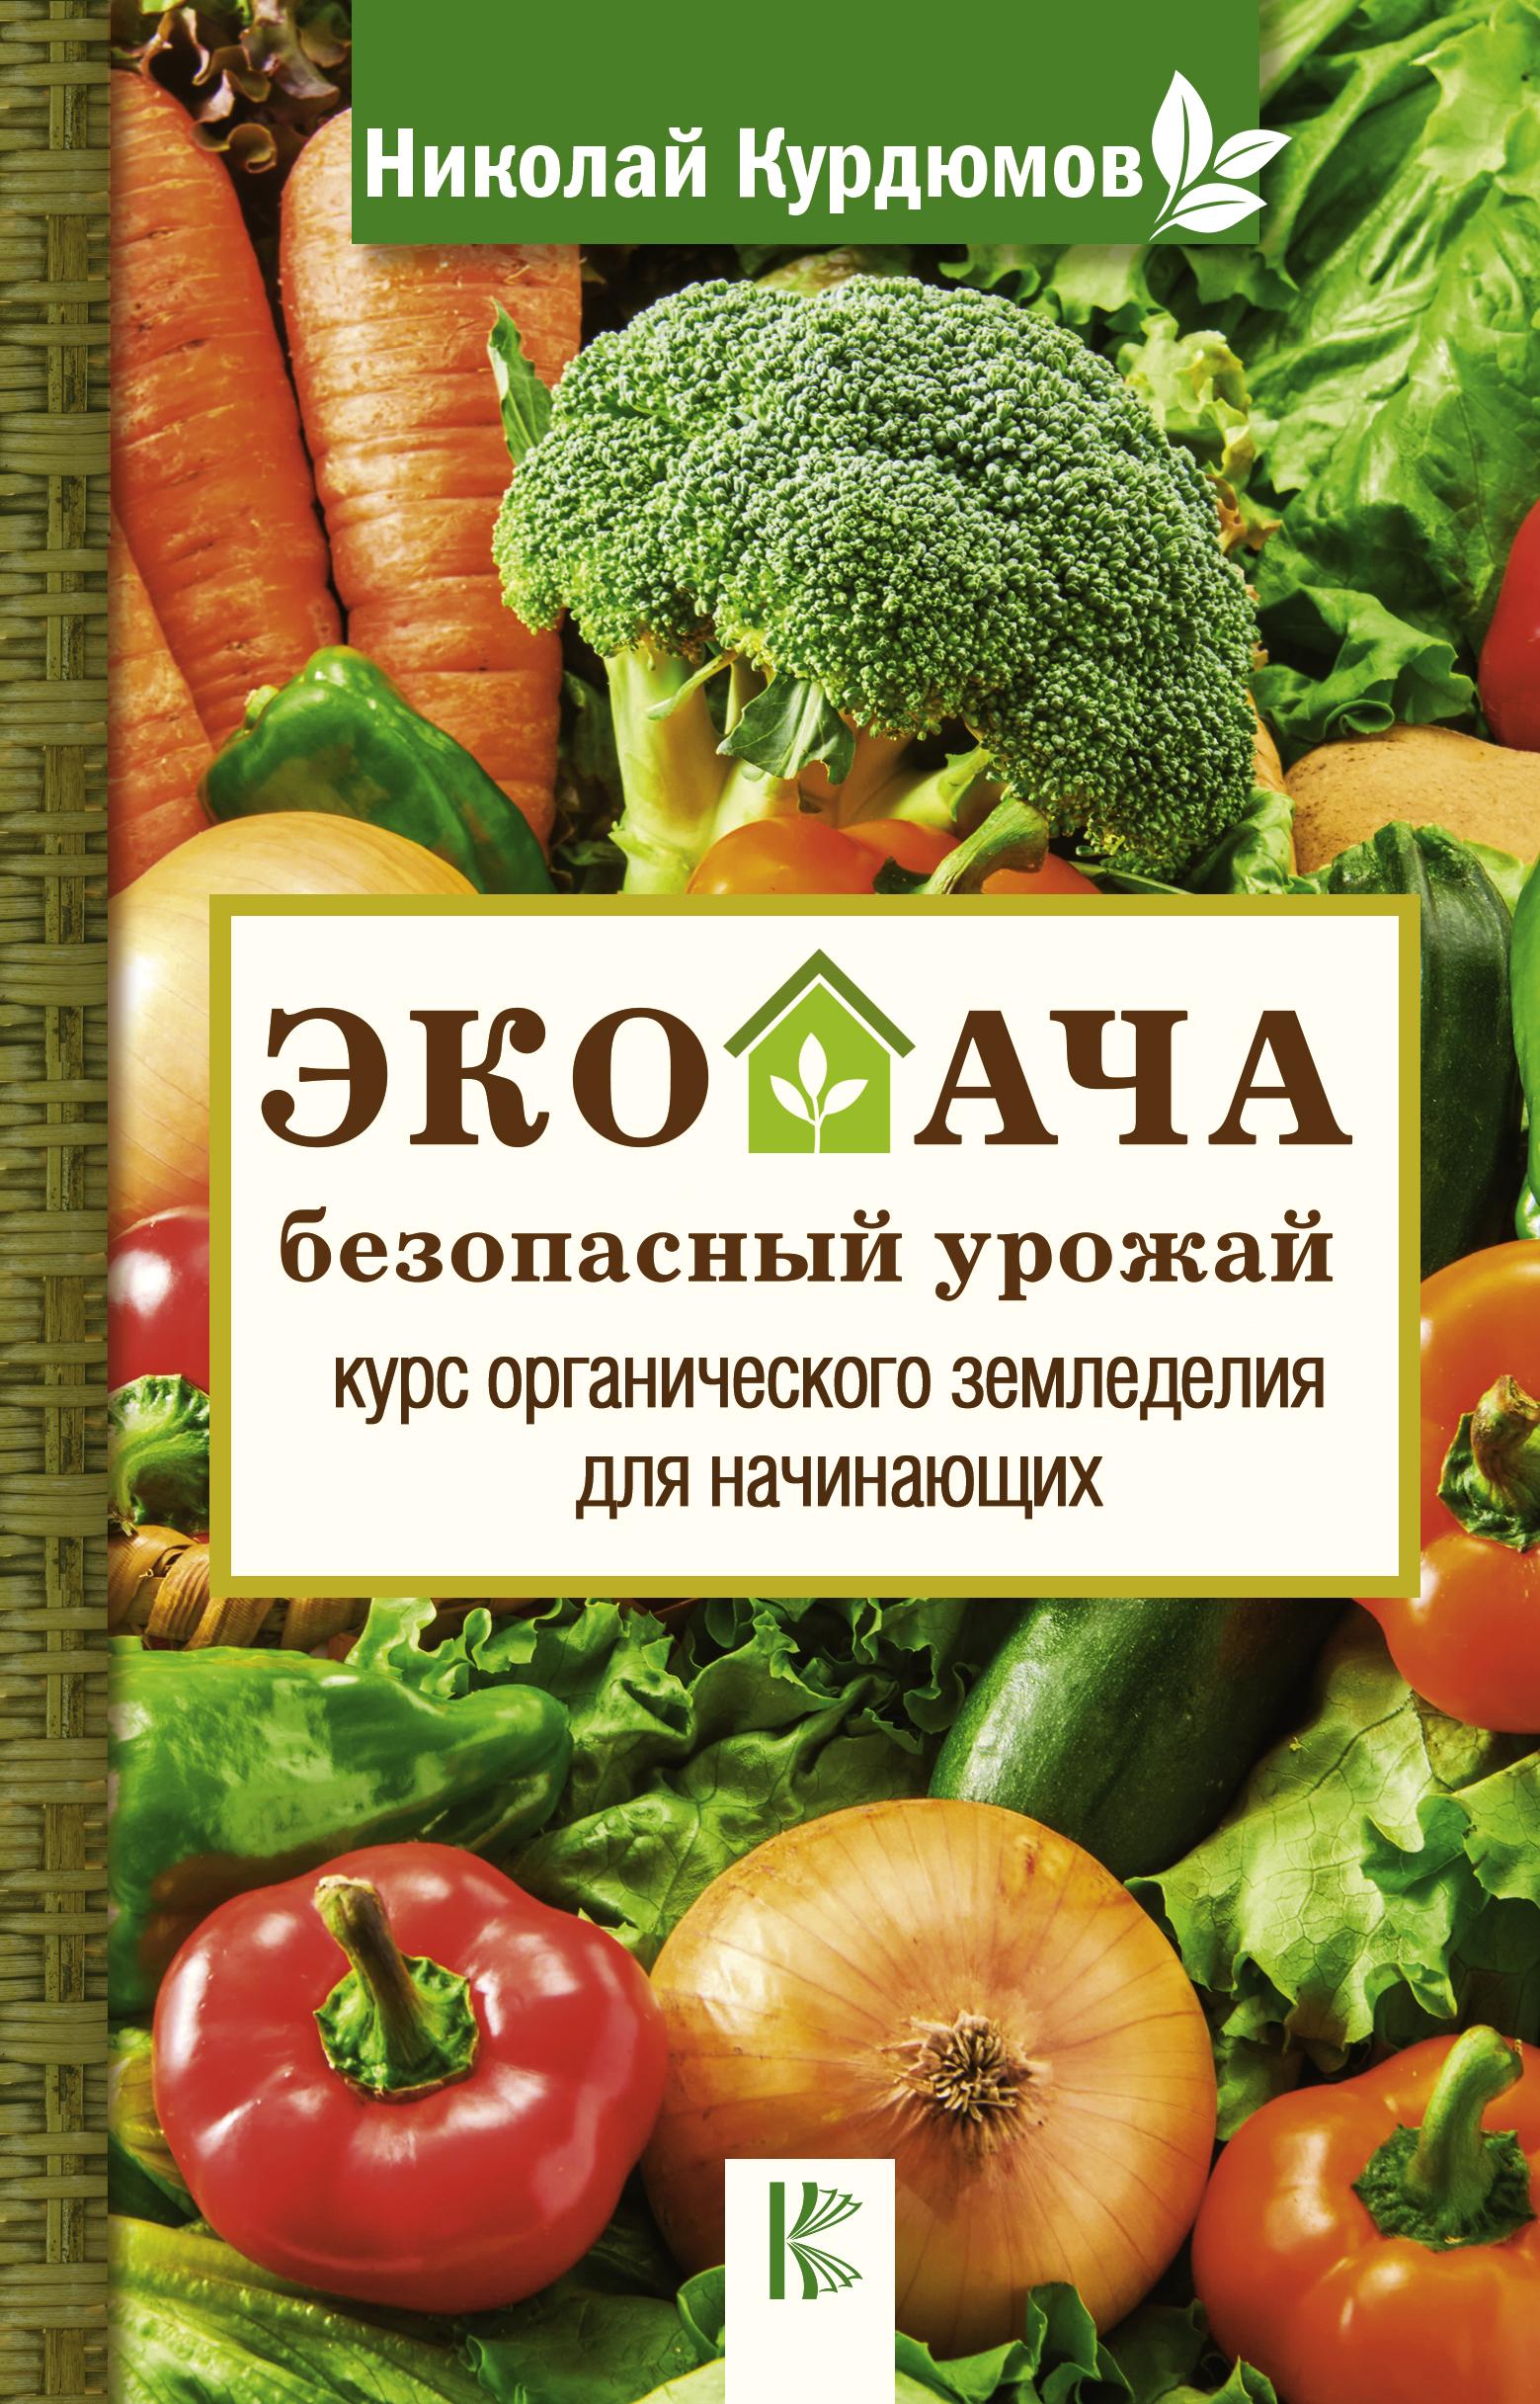 Экодача – безопасный урожай. Курс органического земледелия для начинающих